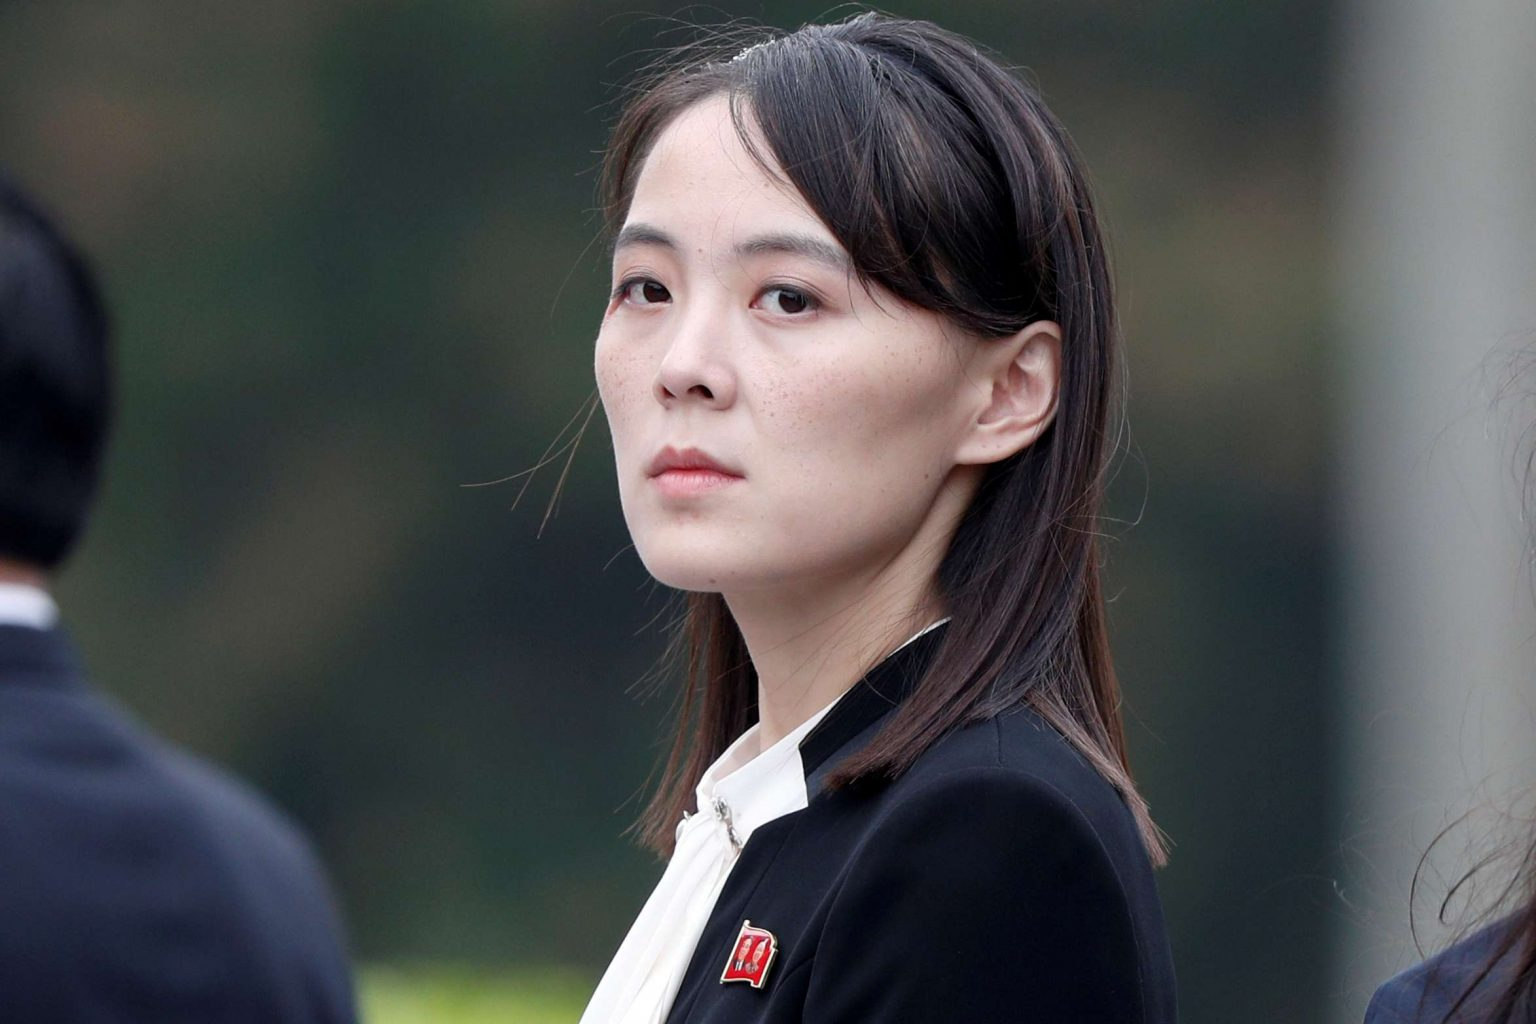 معلومات مثيرة عن كيم يو جونغ الزعيمة القادمة لكوريا الشمالية